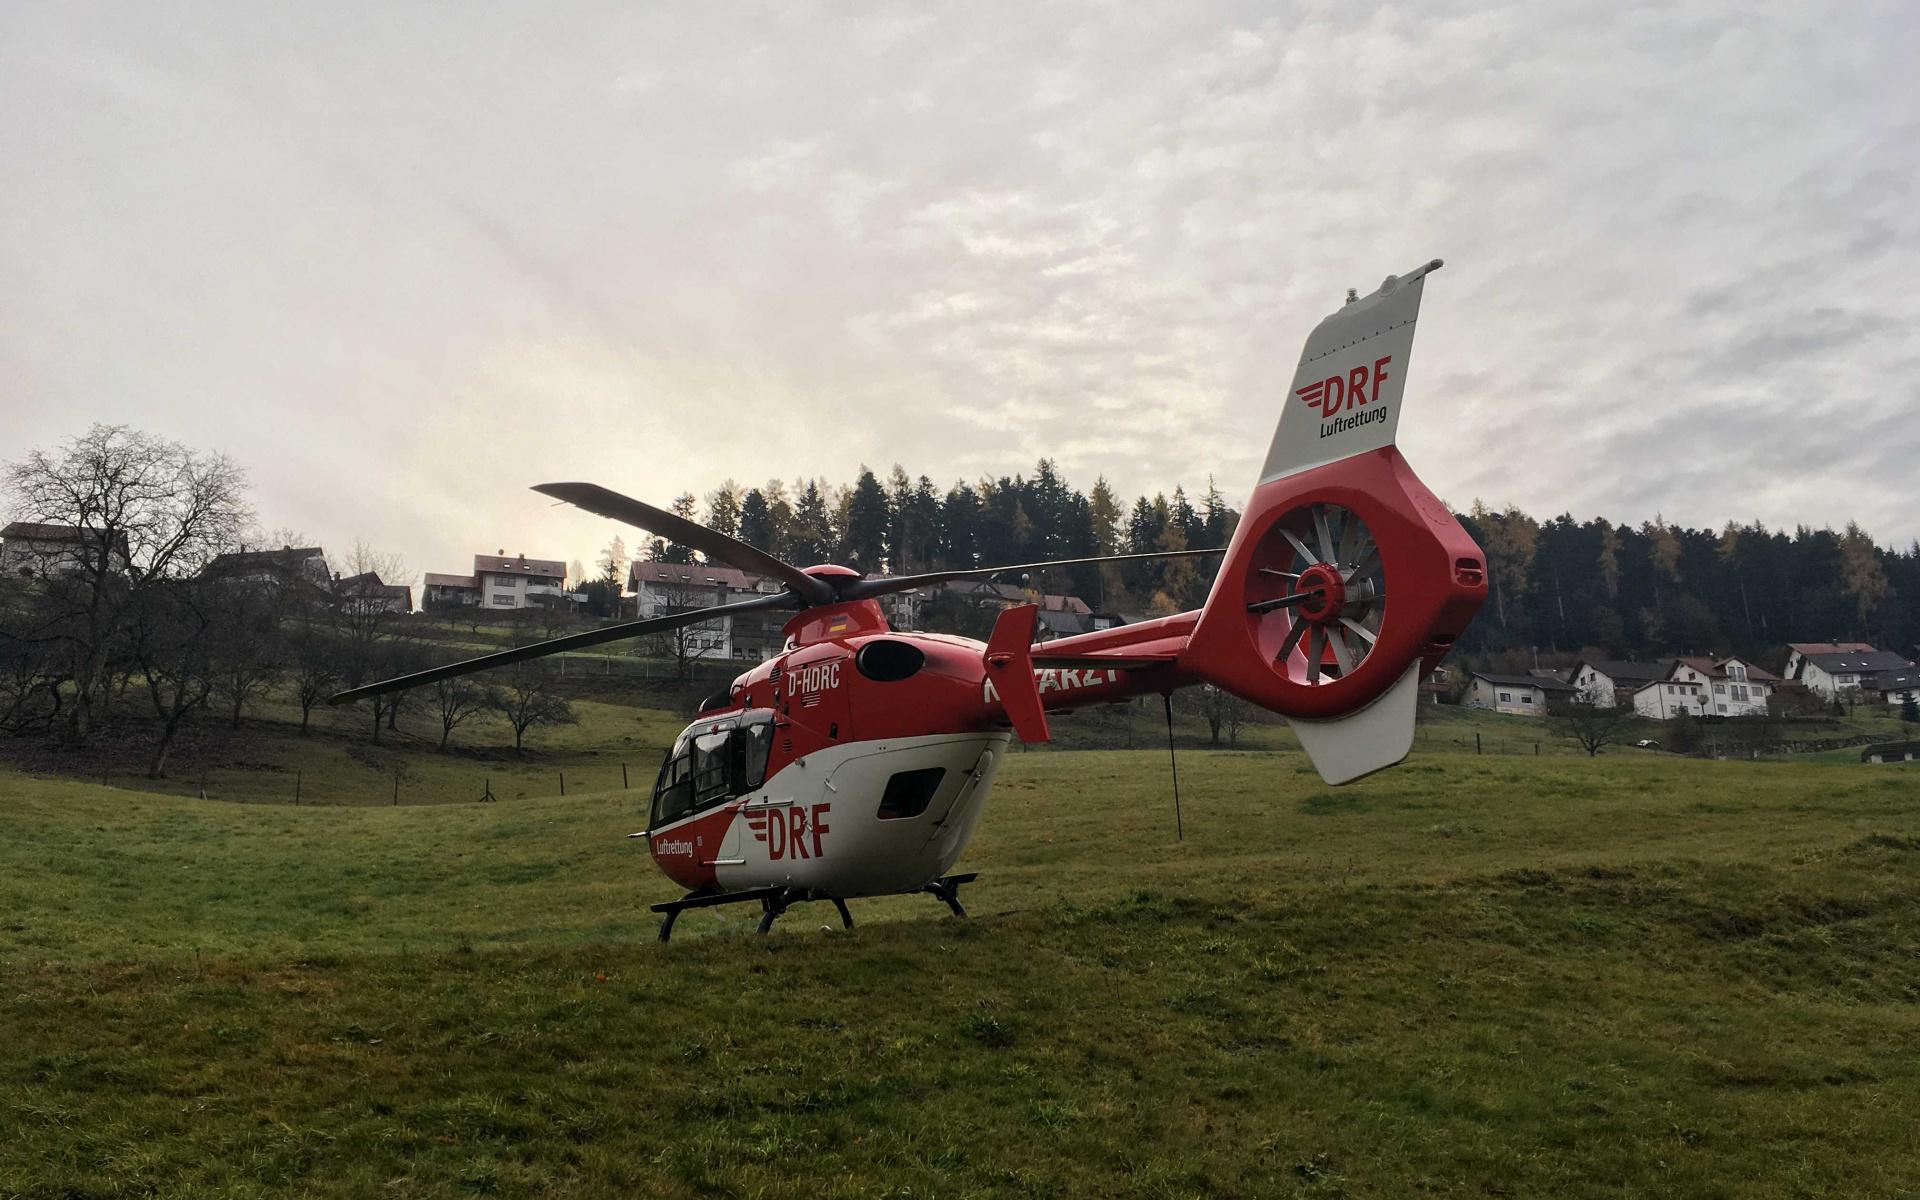 Einen besonders arbeitsreichen Tag gab es vor kurzem für die Hubschrauber, der DRF Luftrettung, die rund um den Schwarzwald stationiert sind. Christoph 43 wurde dabei nach Lauterbach alarmiert.